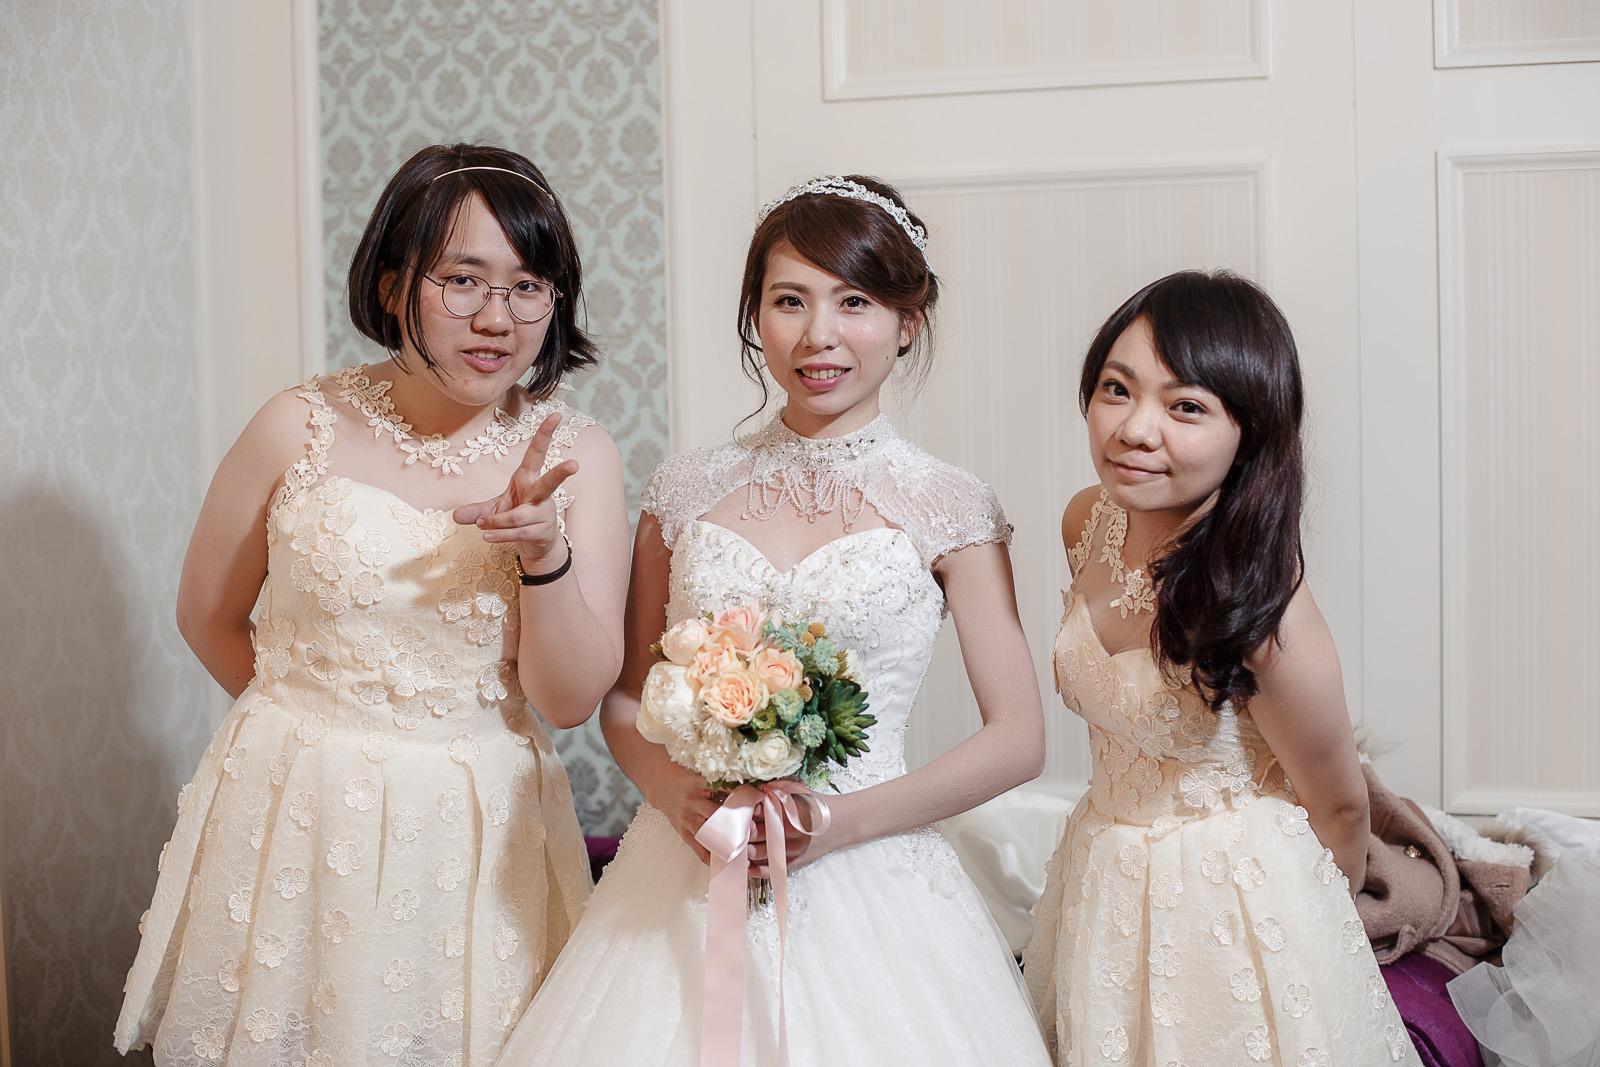 高雄圓山飯店,婚禮攝影,婚攝,高雄婚攝,優質婚攝推薦,Jen&Ethan-227